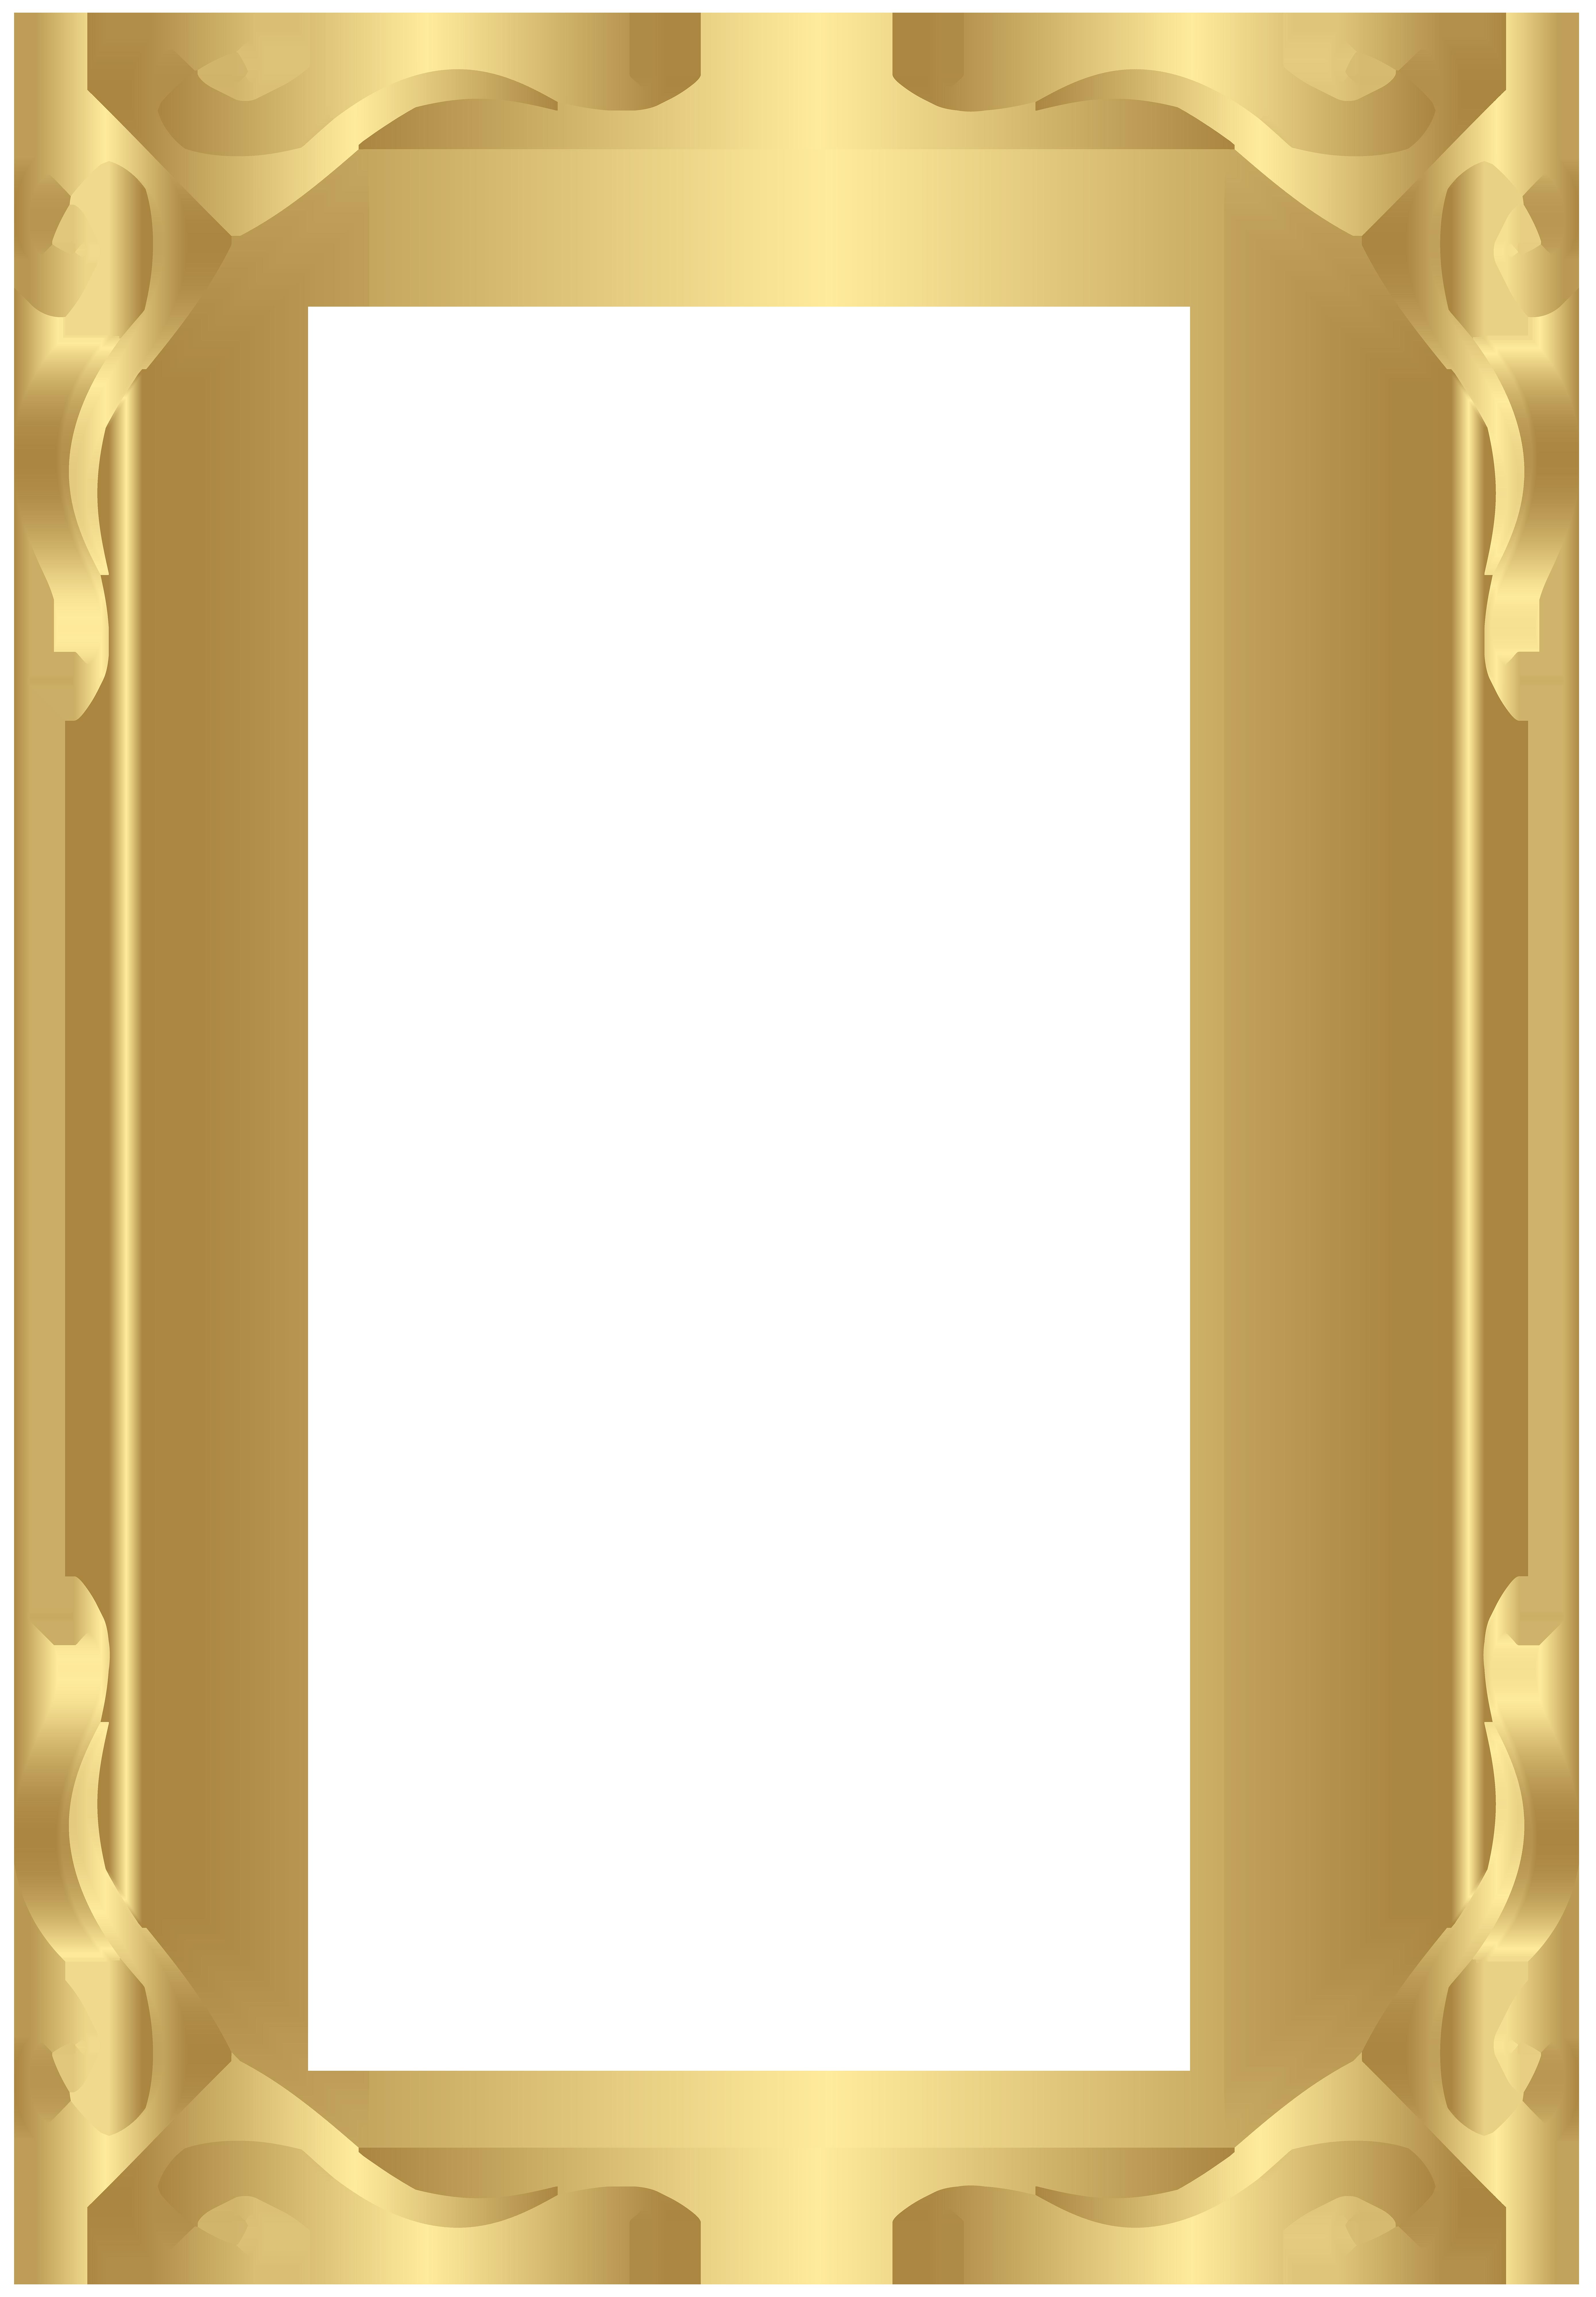 Frame transparent png. Border gold image gallery